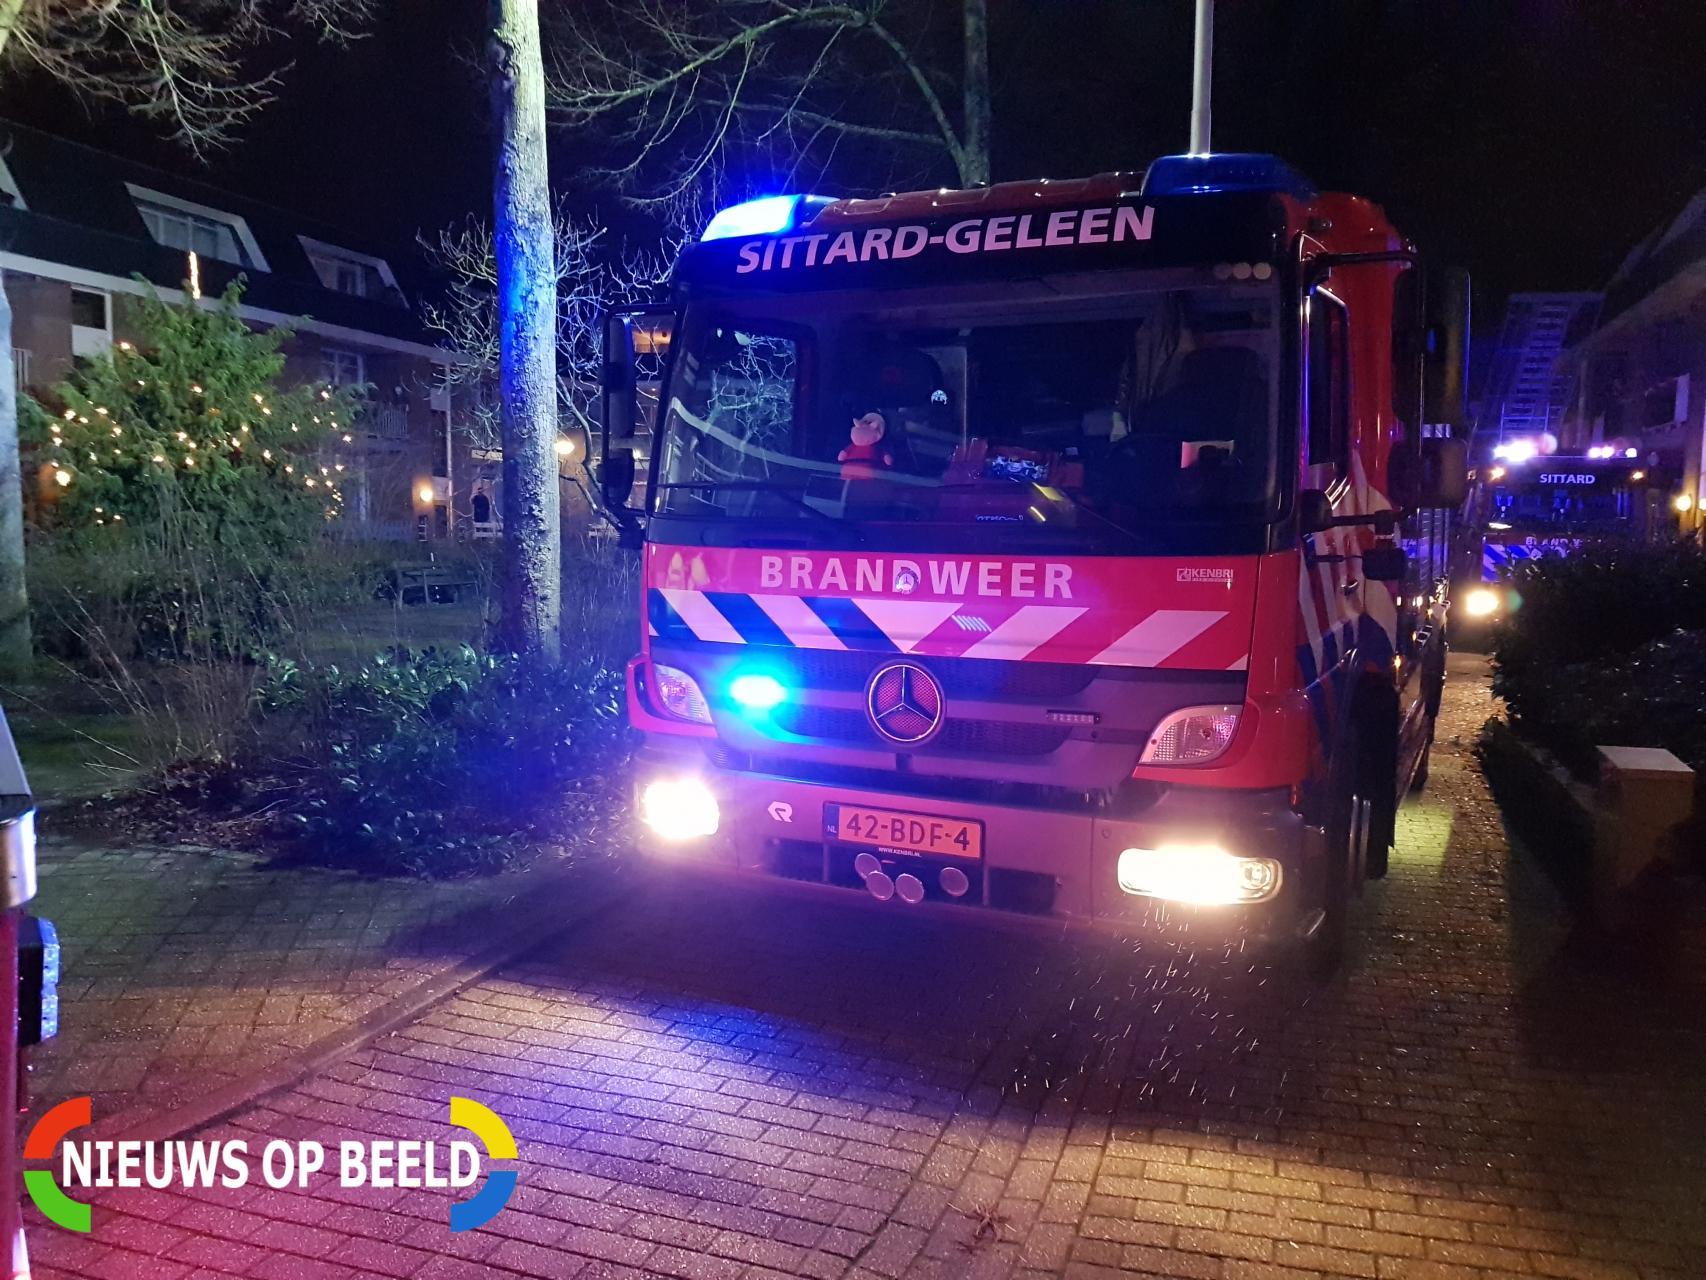 Pannetje op vuur zorgt voor rookontwikkeling in woning Lindenhof Sittard